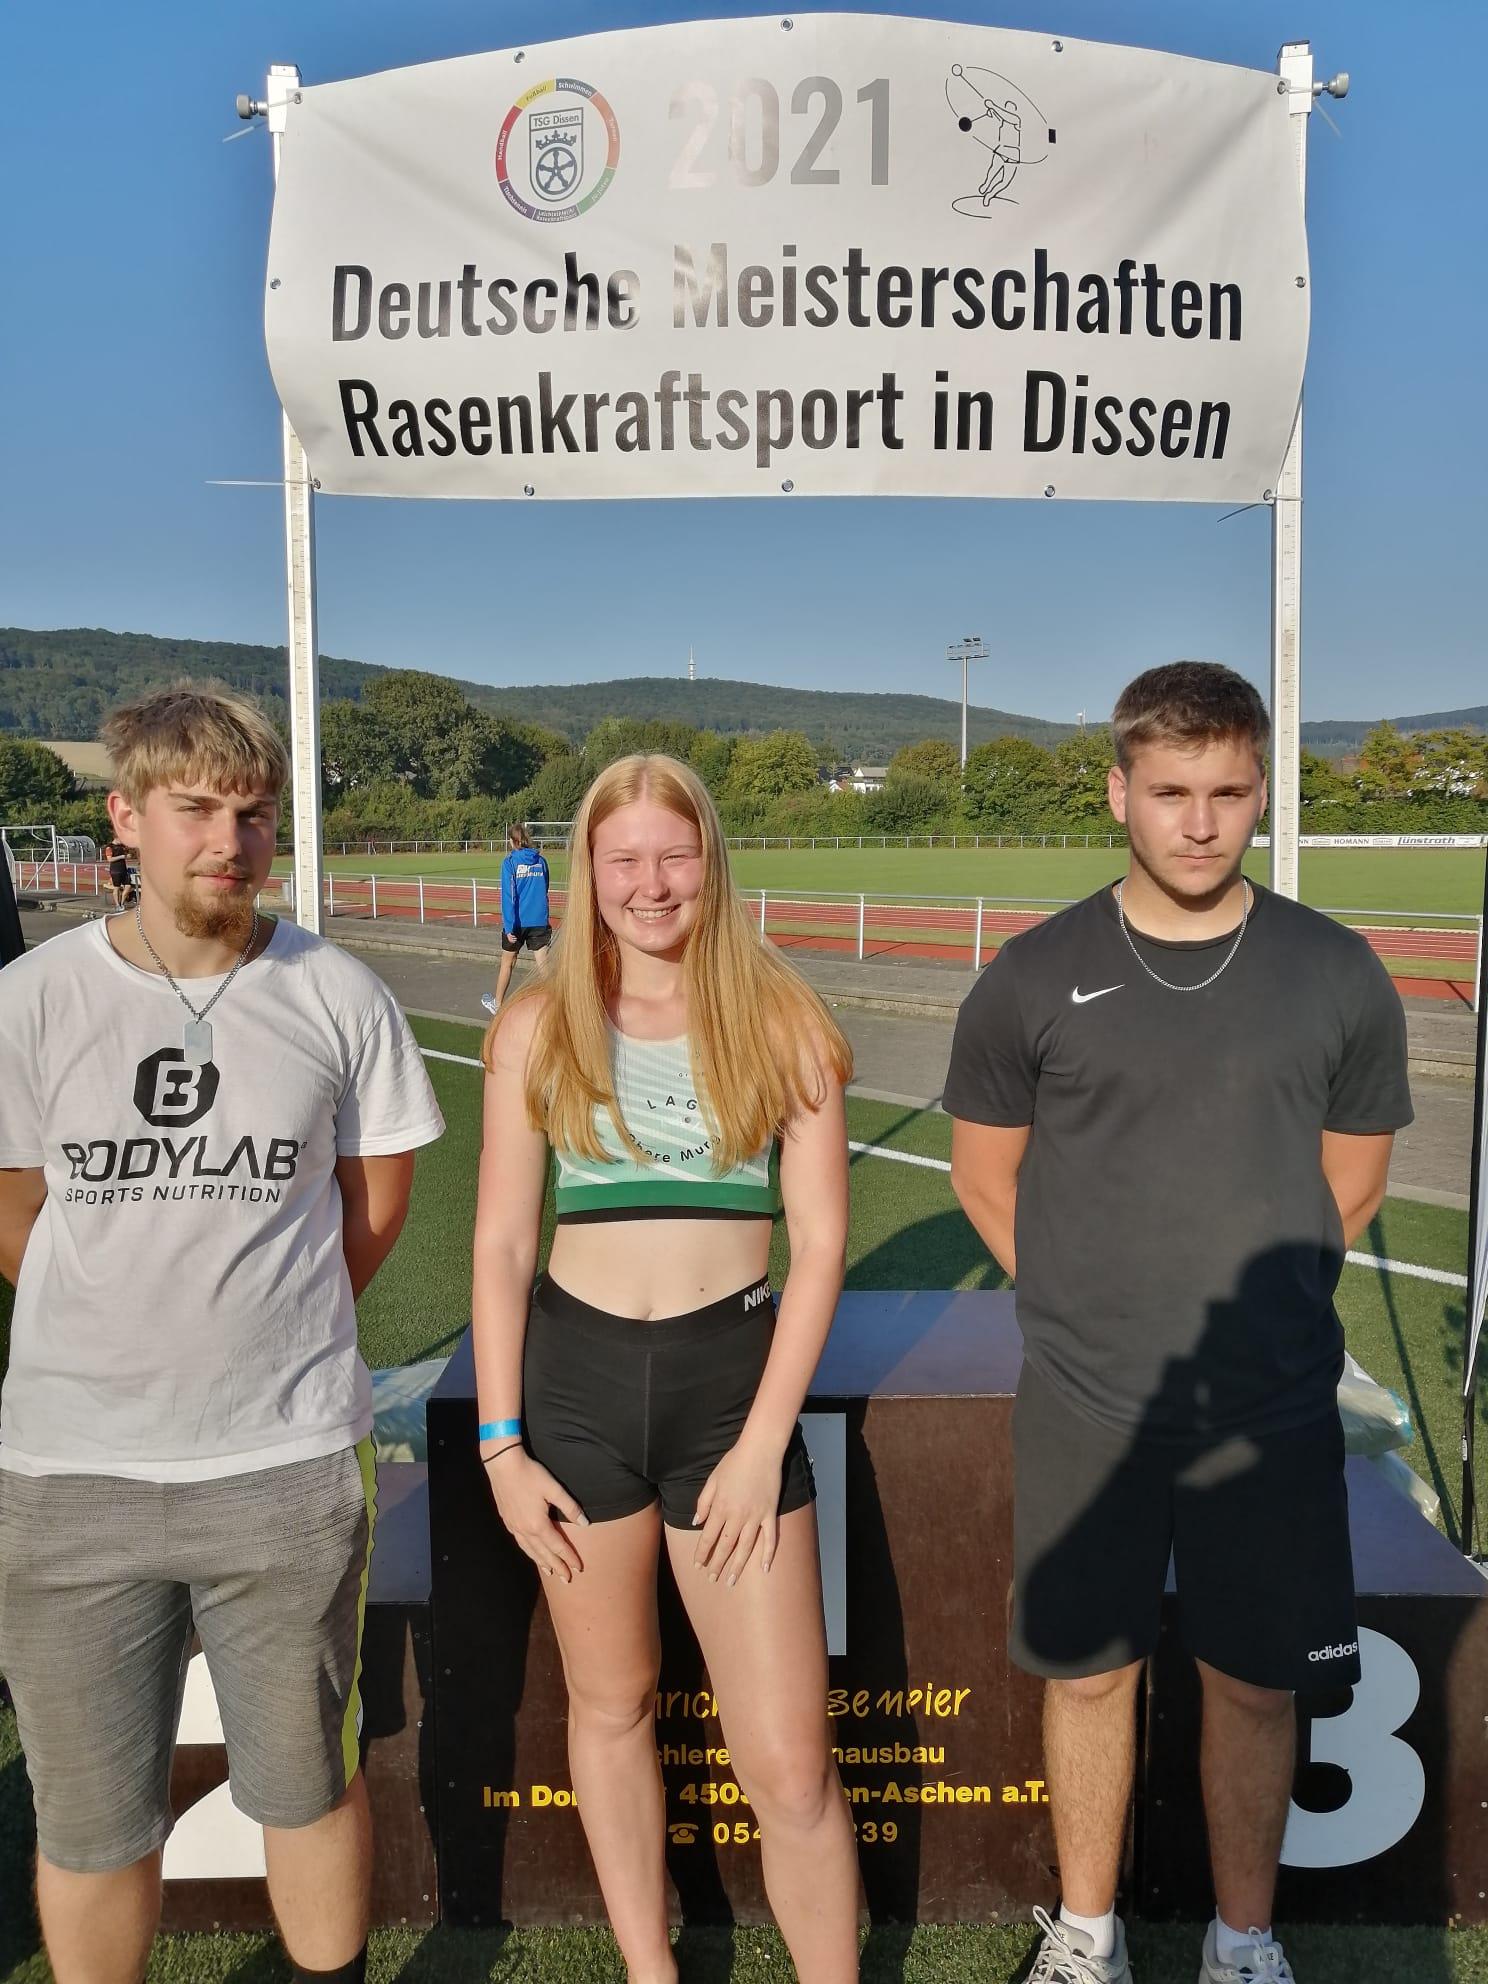 Deutsche Meisterschaften Rasenkraftsport 2021 in Dissen